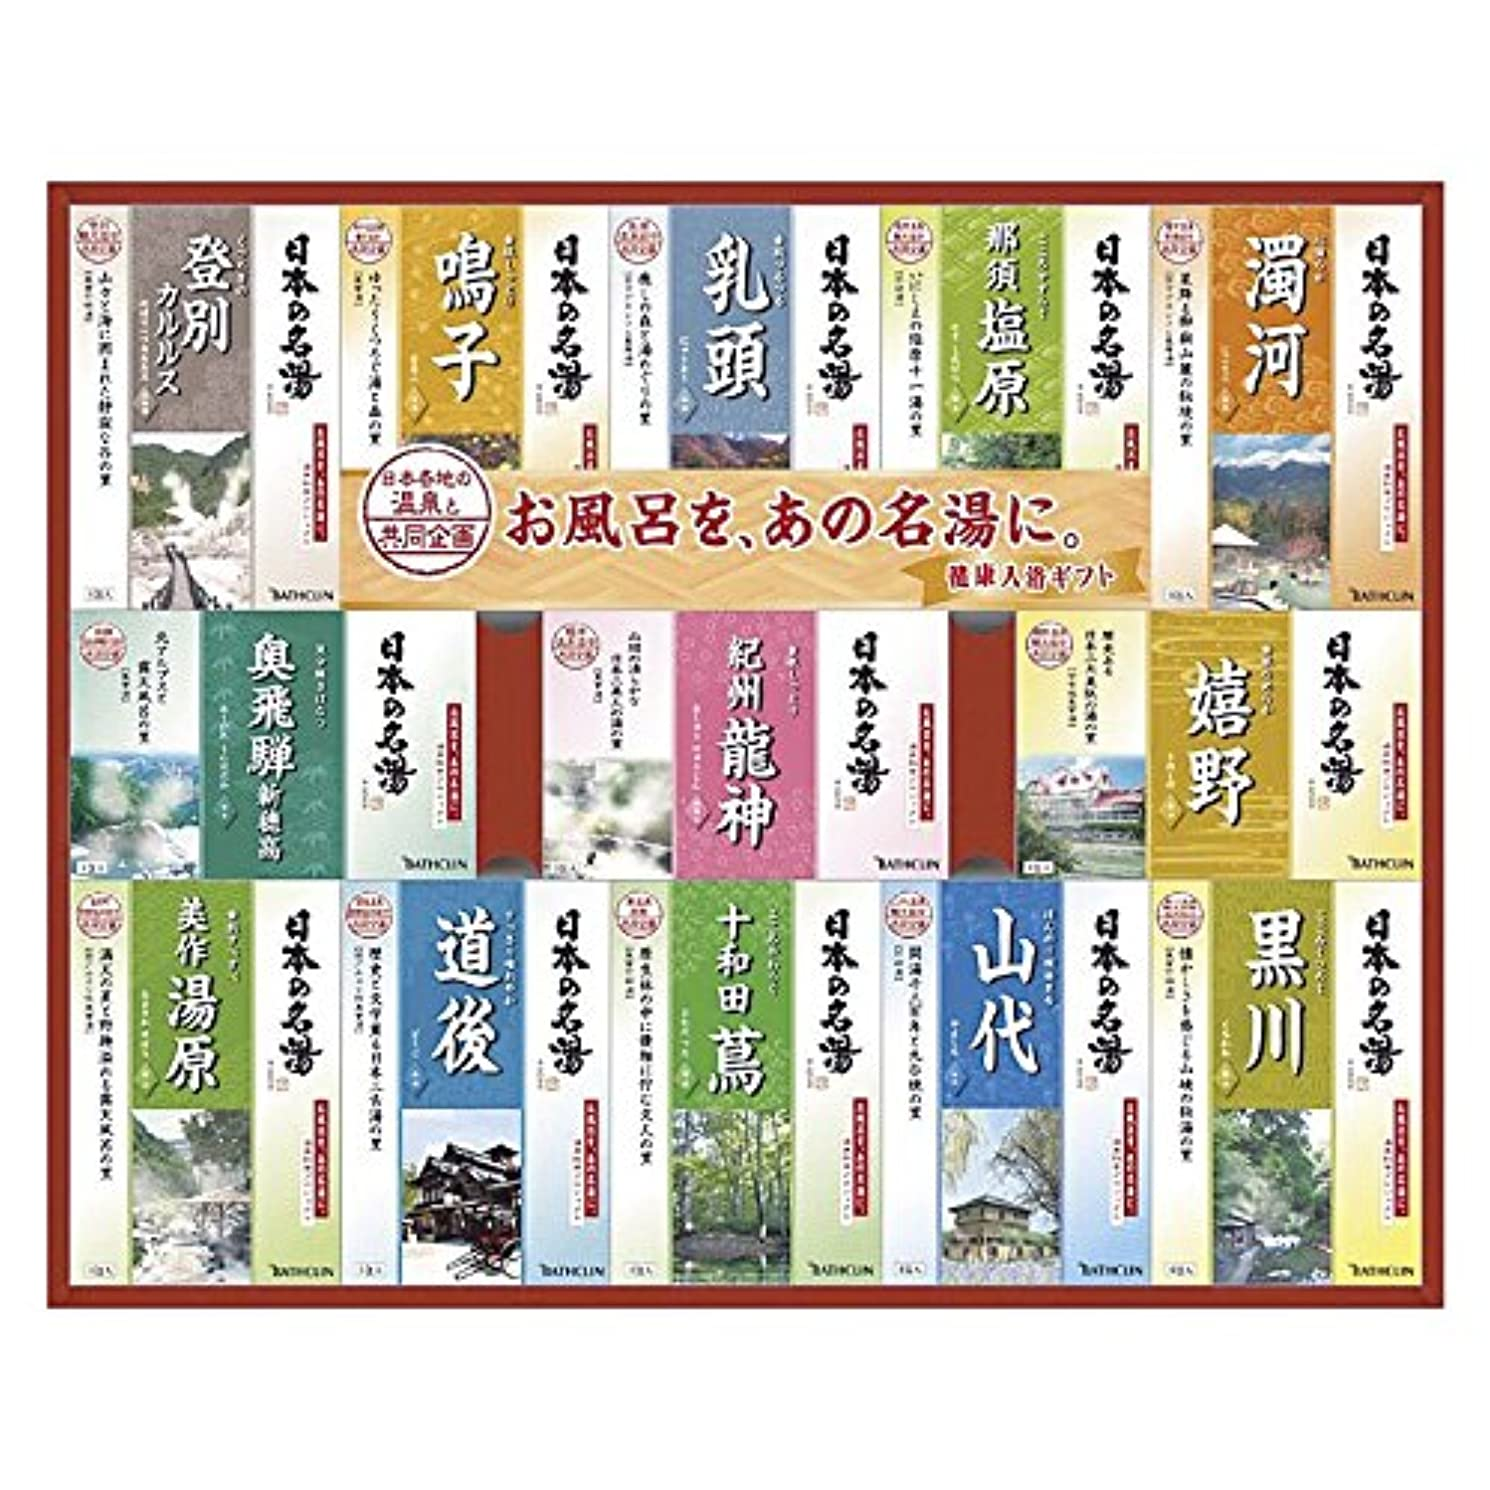 必須早めるうがいバスクリン 日本の名湯 ギフトセット 【保湿 ギフト 温泉 発汗 セット あったまる いろいろ うるおい うるおう しっとり すべすべ はっかん 極楽 ごくらく ゆったり ばすくりん 5000】